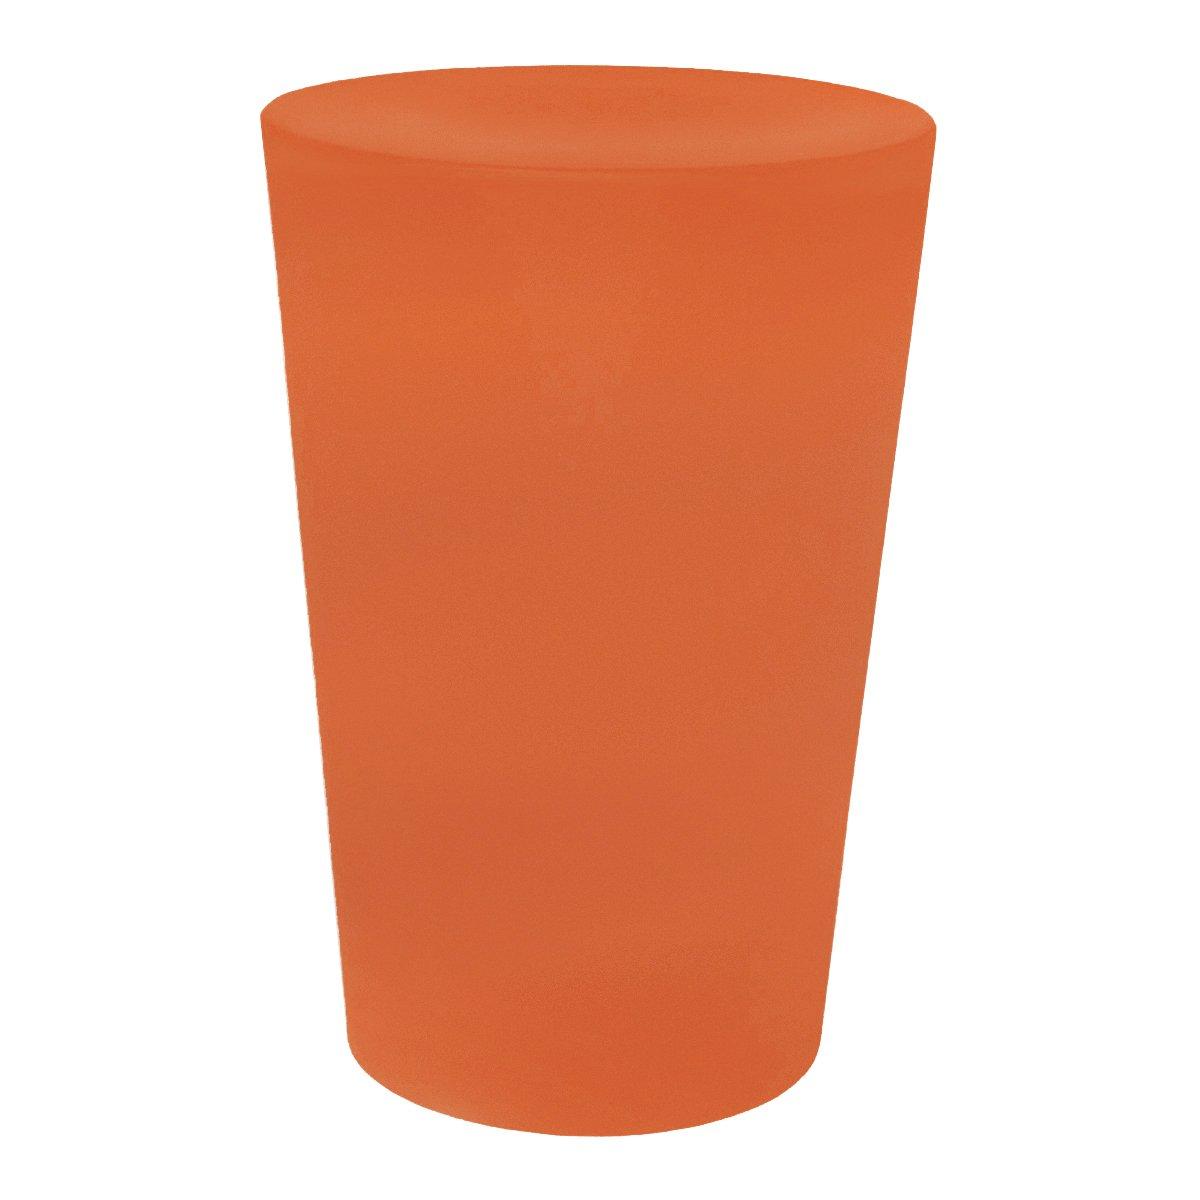 Moooi Container Stool Kruk - Terracotta